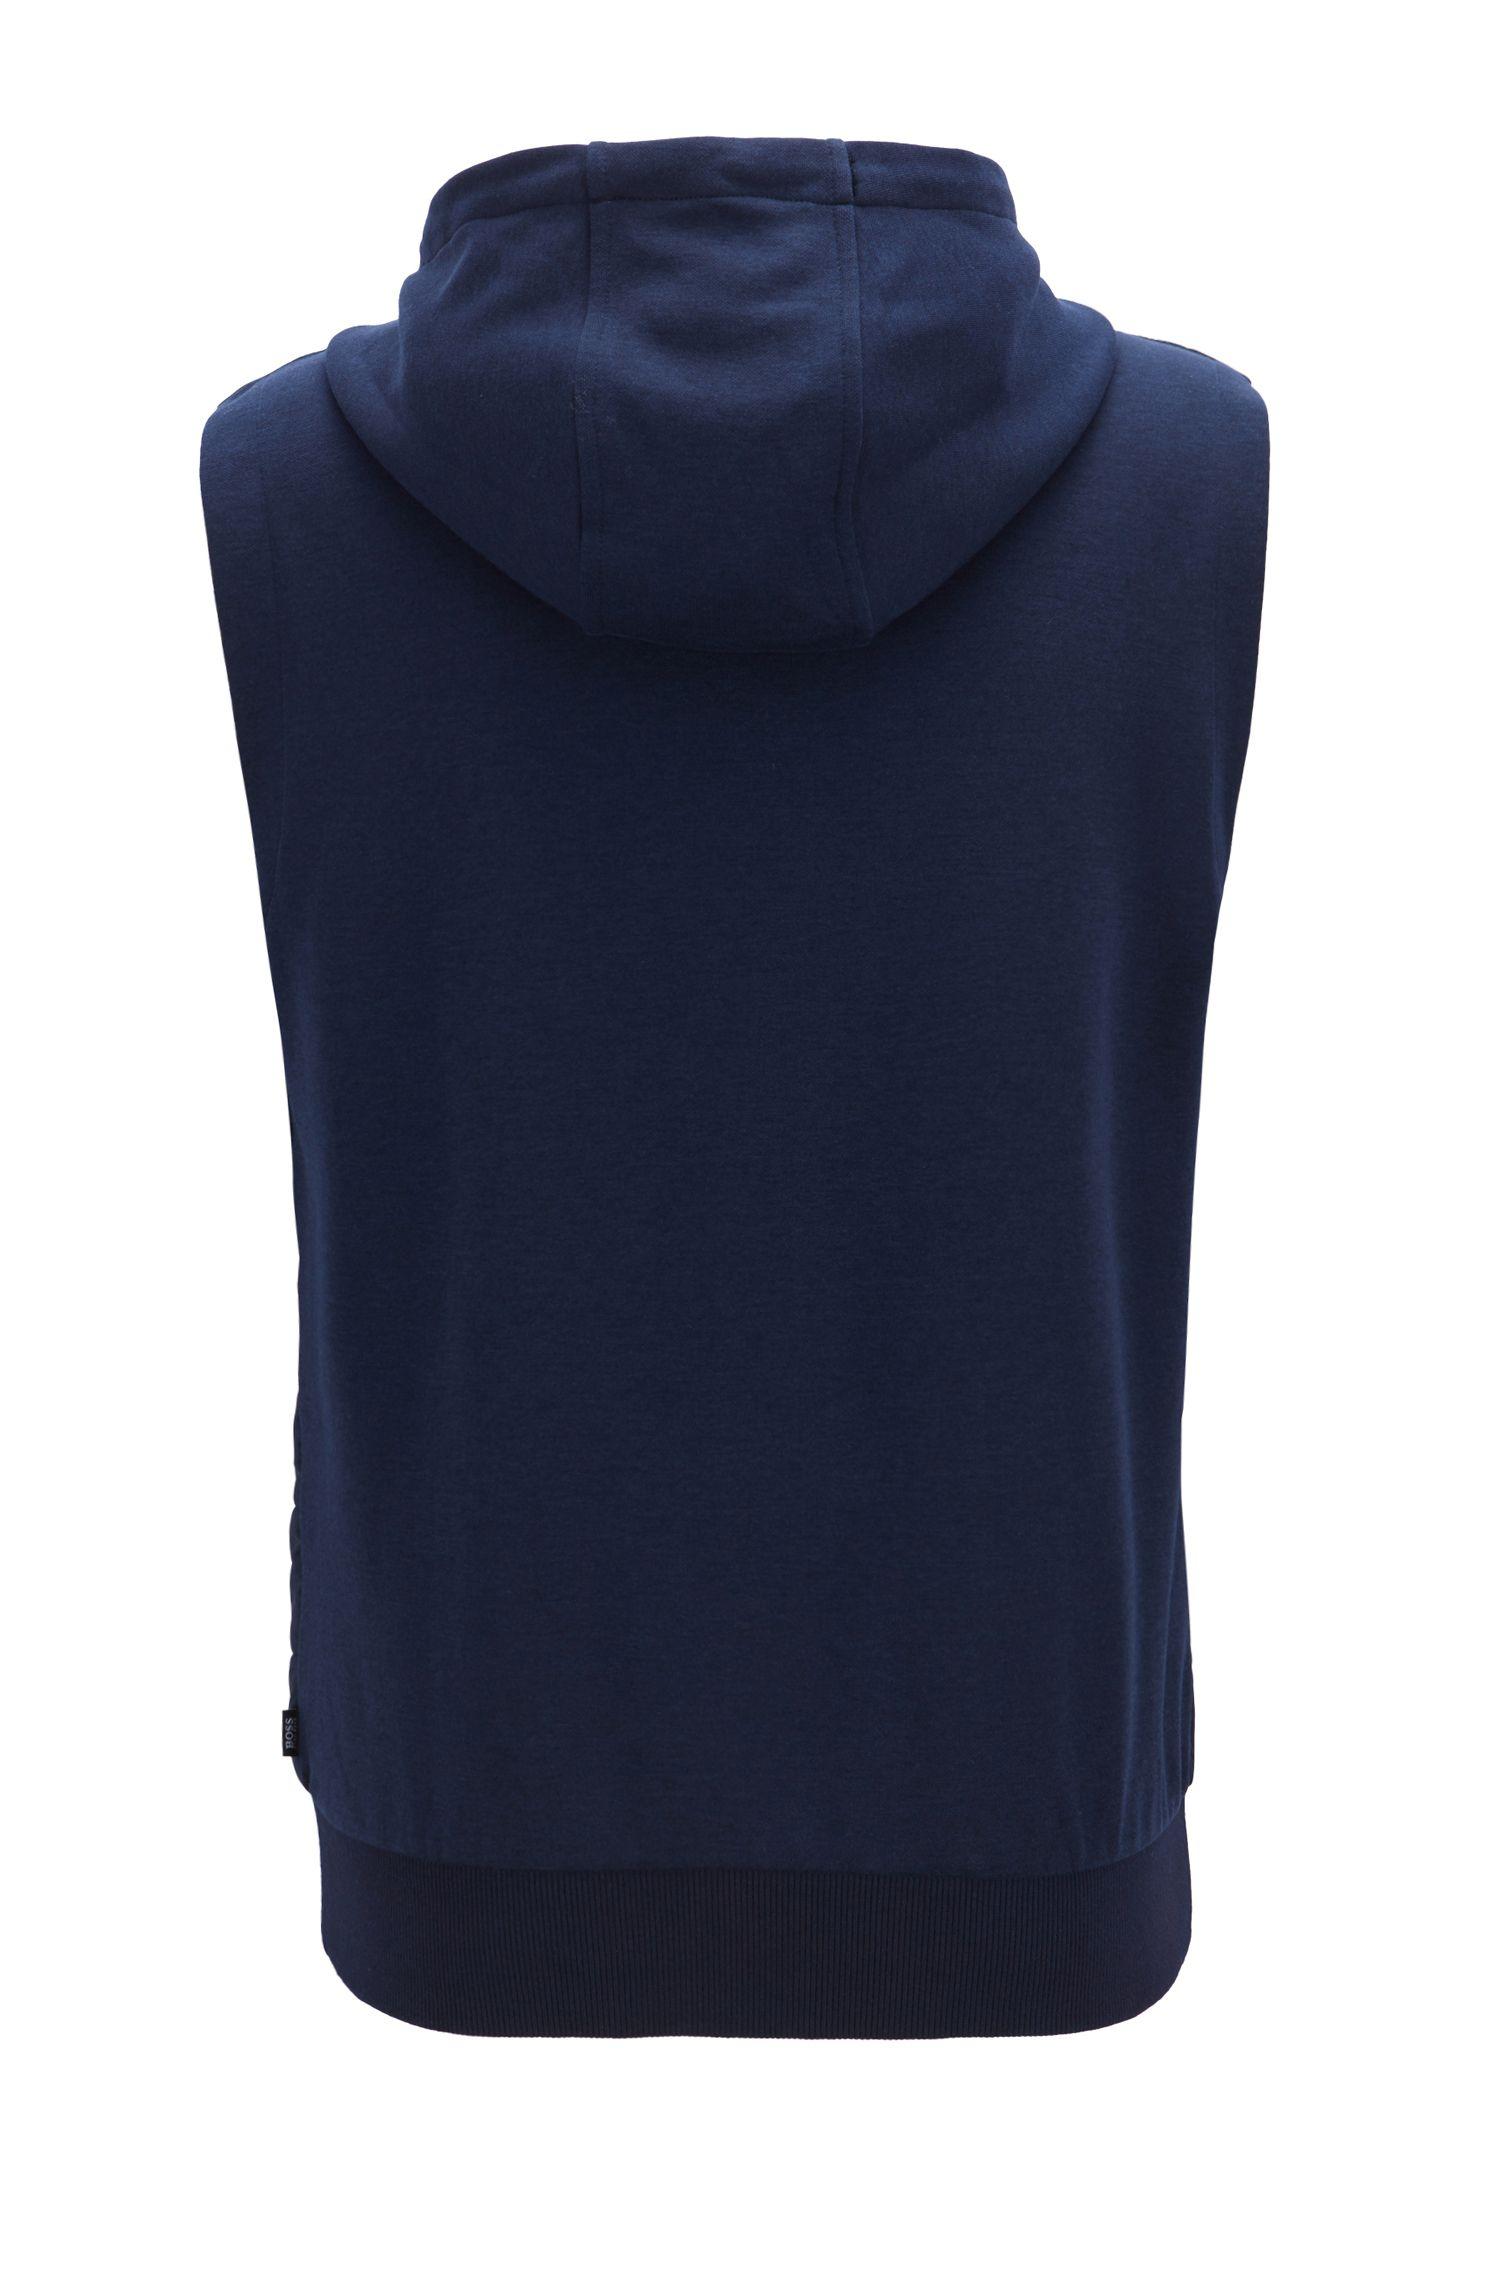 Veste zippée sans manches à capuche et panneau avant rembourré, Bleu foncé